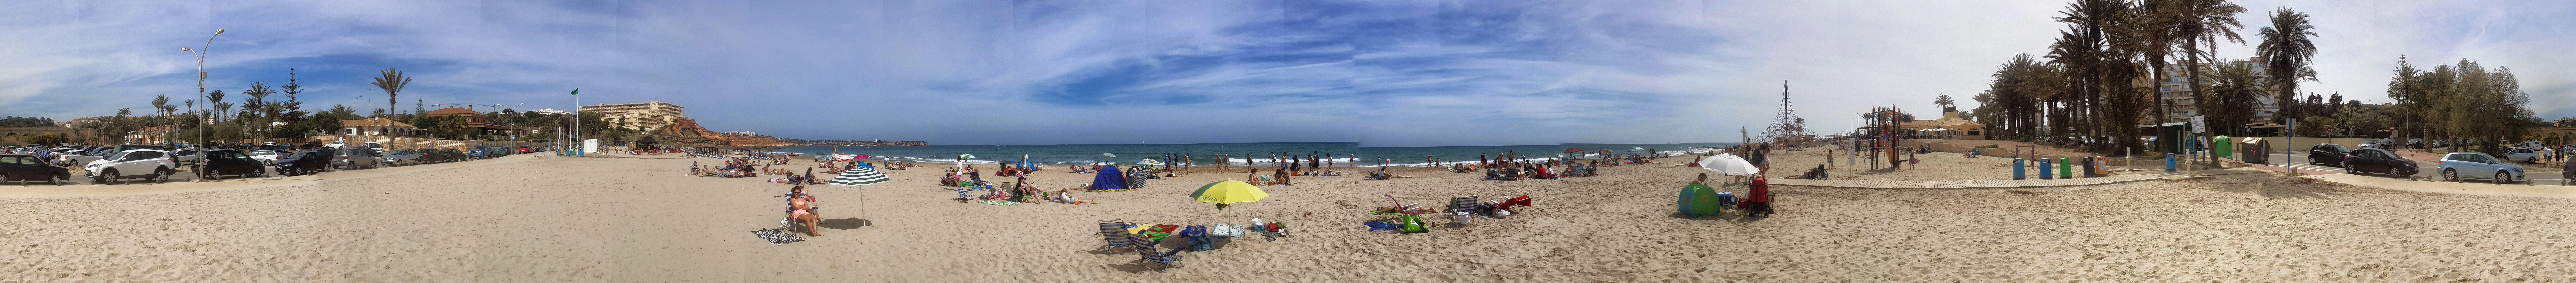 Playa de la Glea